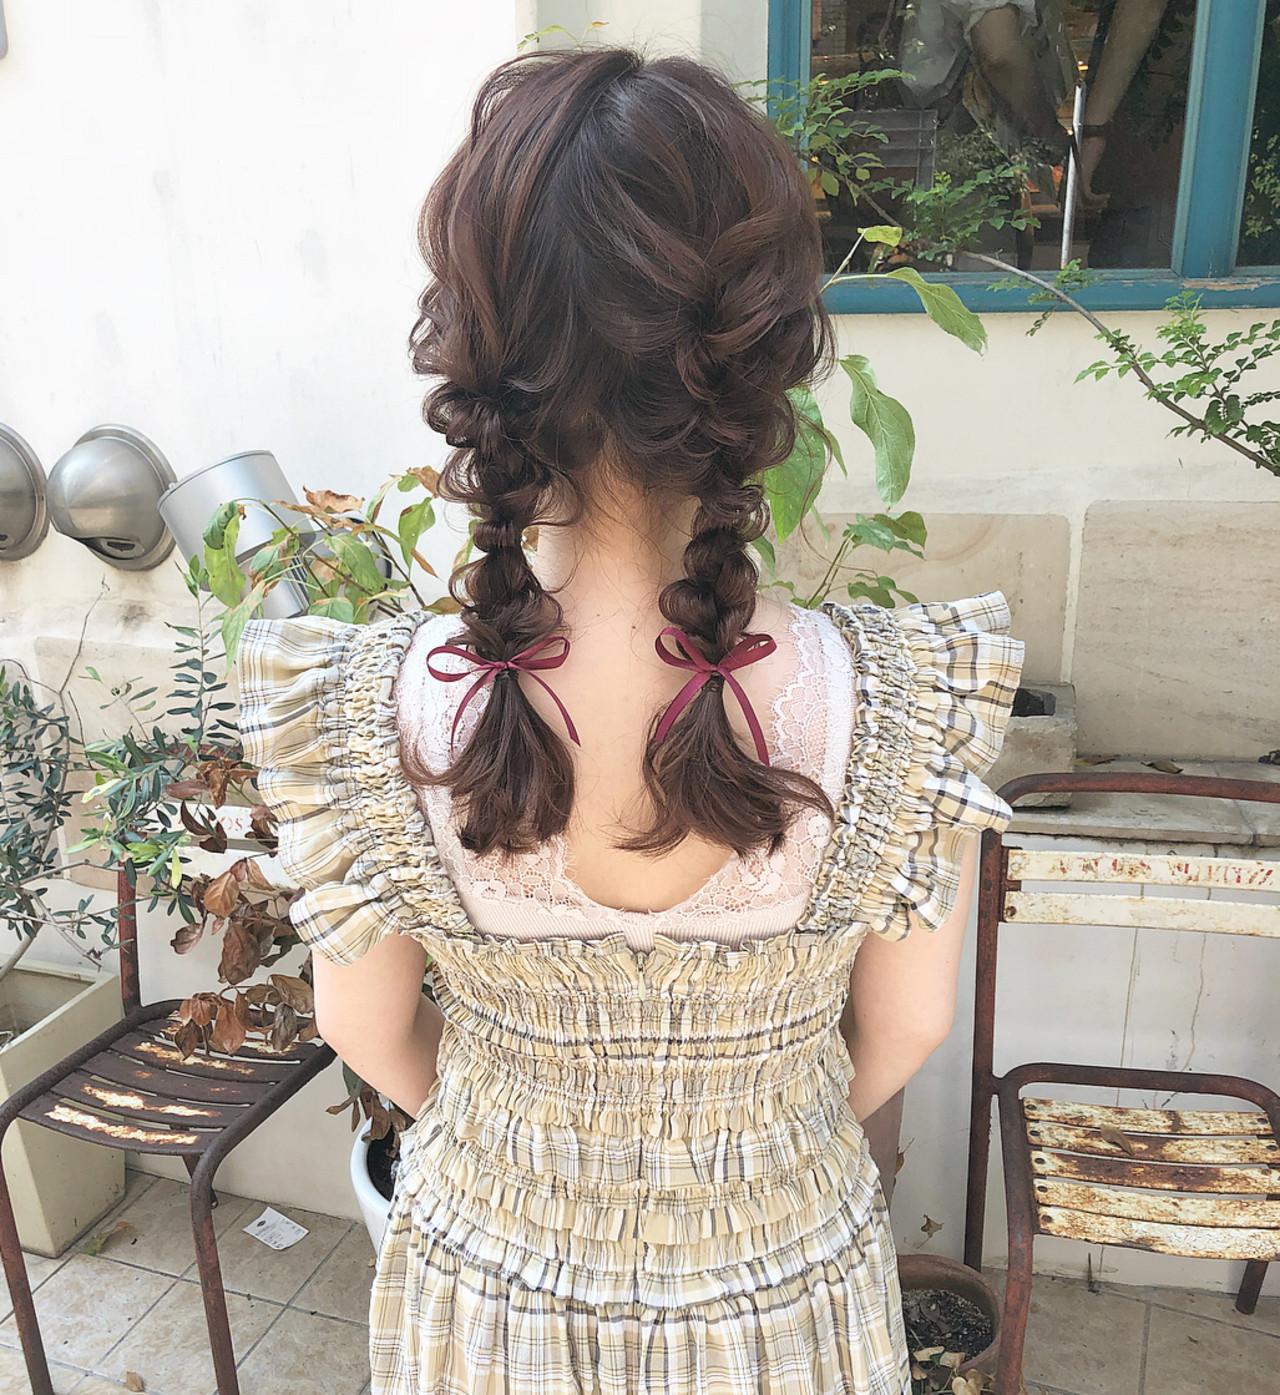 セミロング 編みおろしツイン 編みおろし デート ヘアスタイルや髪型の写真・画像